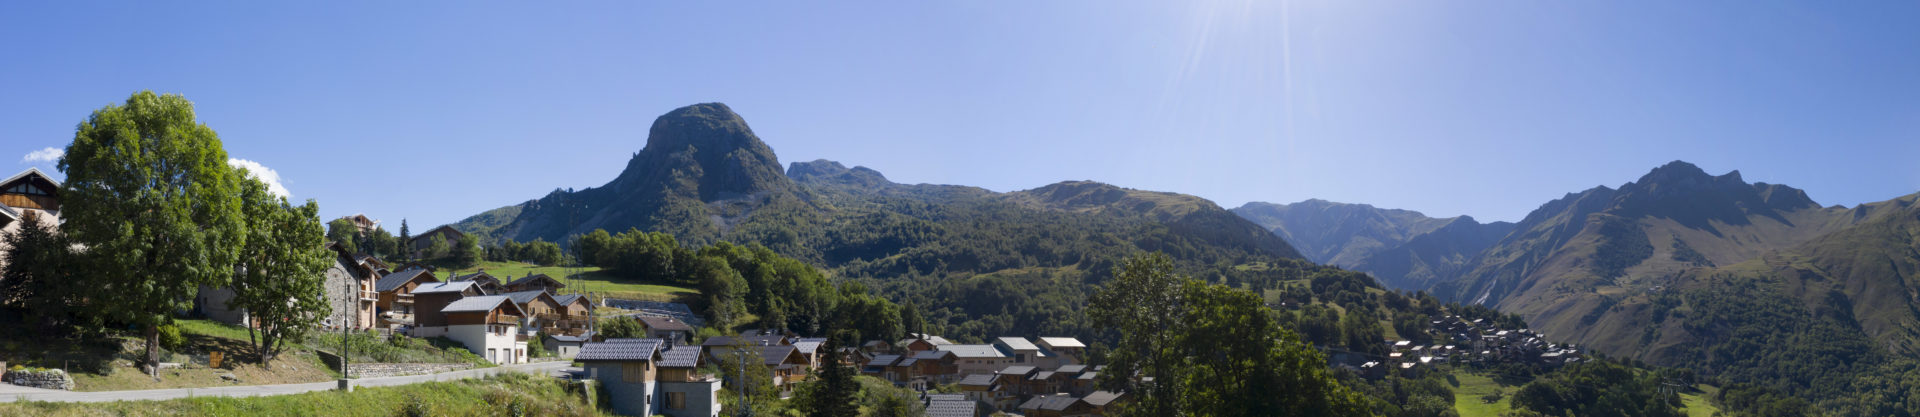 Les Chalets du Cheval Noir - Panorama Chalet A - vue côté sud ouest Saint Martin de Belleville Savoie France